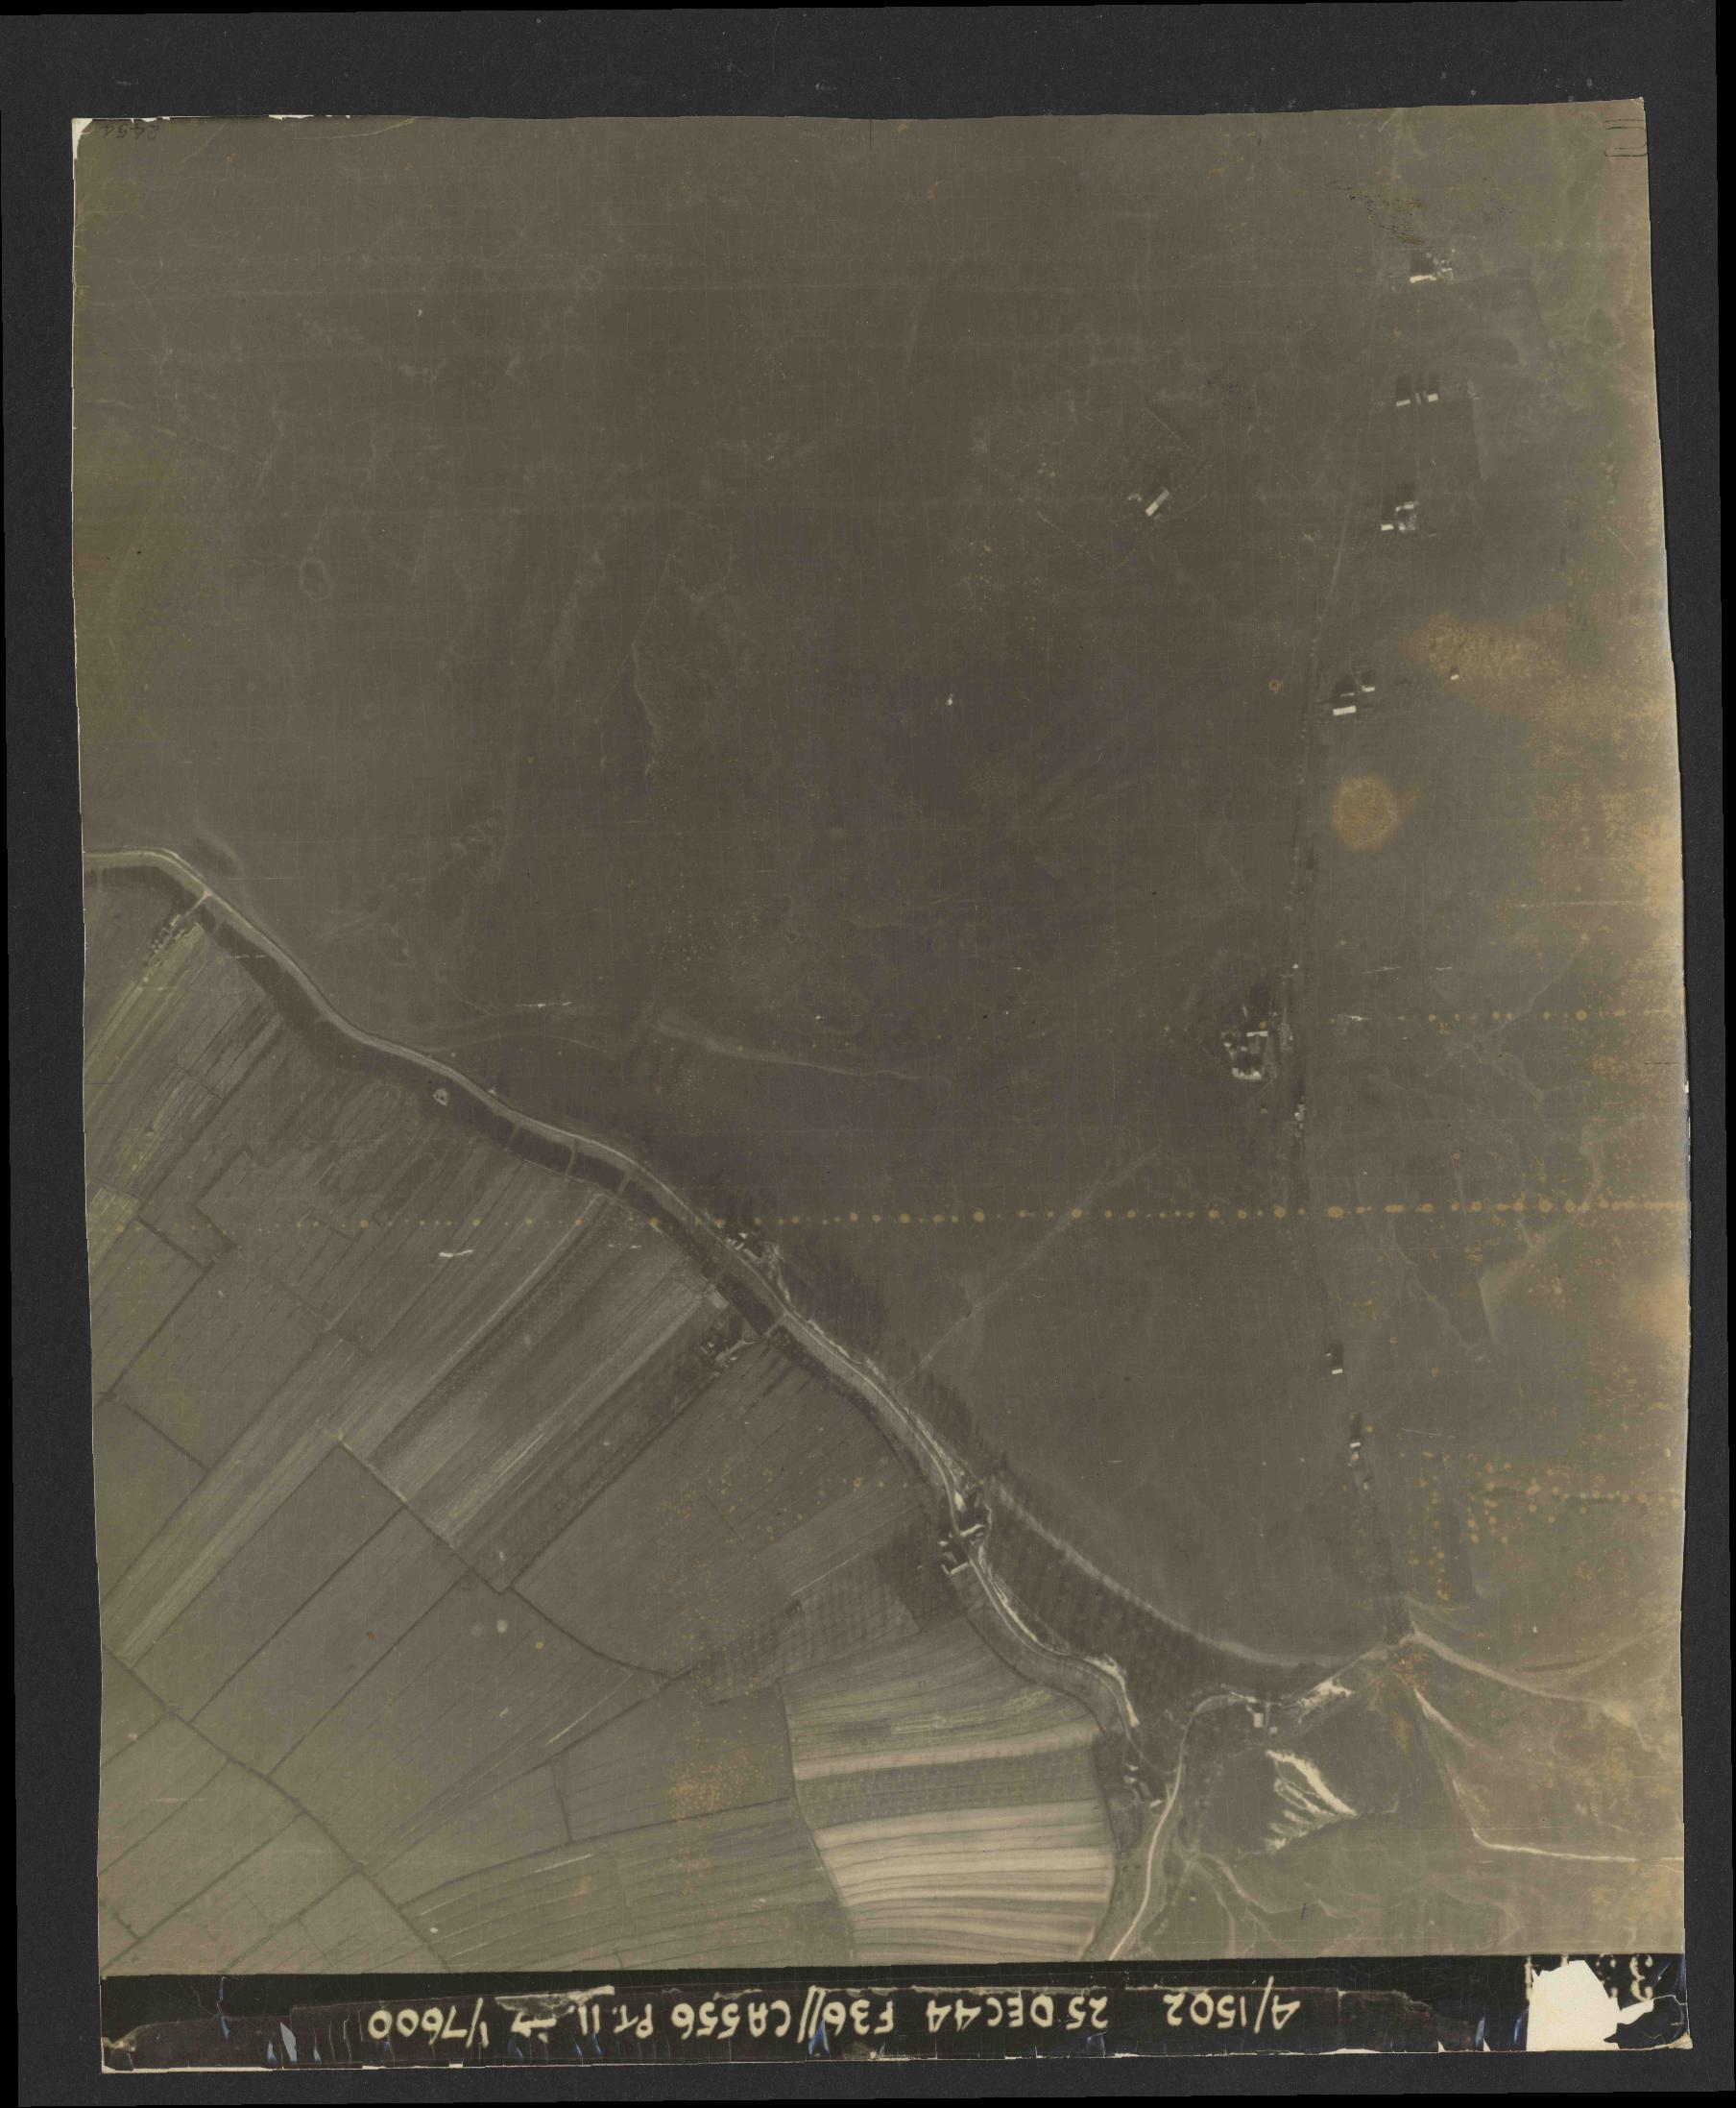 Collection RAF aerial photos 1940-1945 - flight 306, run 12, photo 3344